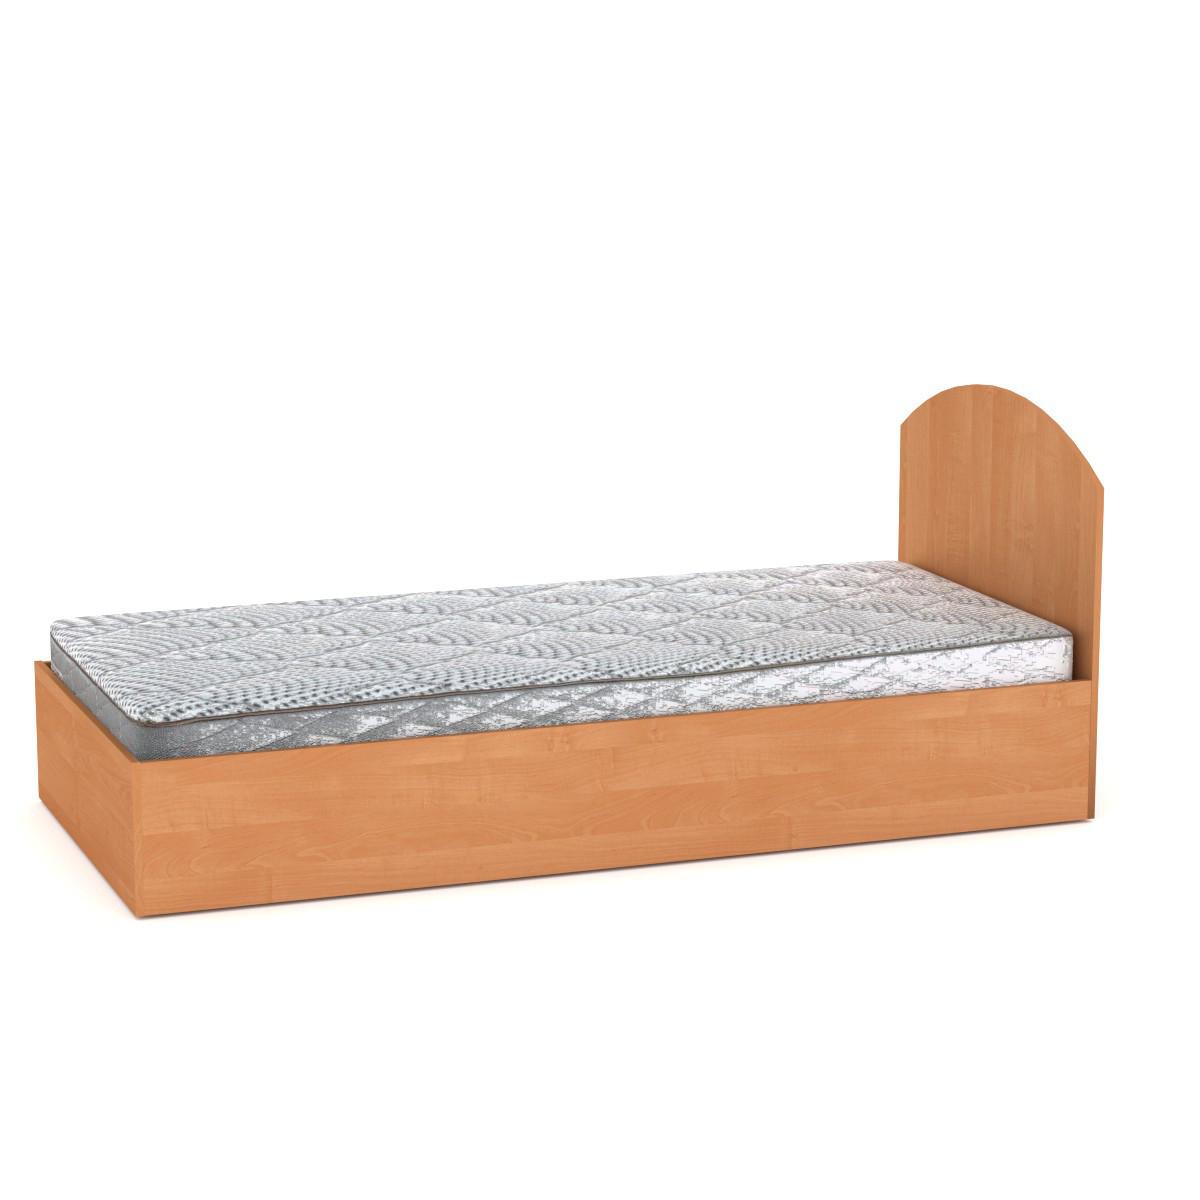 Кровать с матрасом 90 ольха Компанит (94х204х85 см)